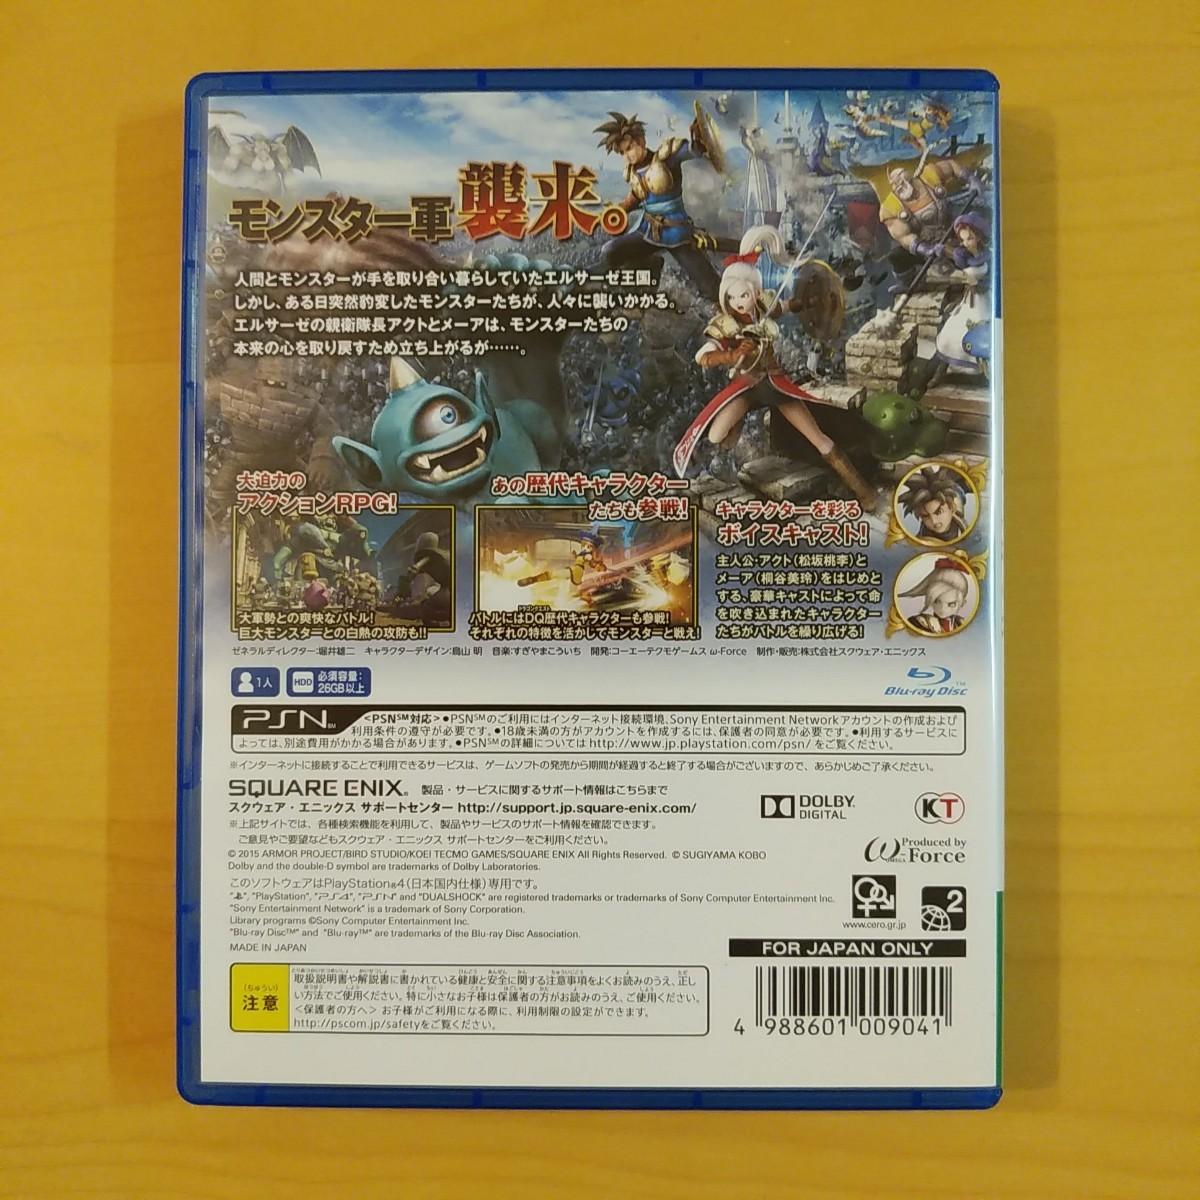 PS4 ドラゴンクエストヒーローズ闇竜と世界樹の城